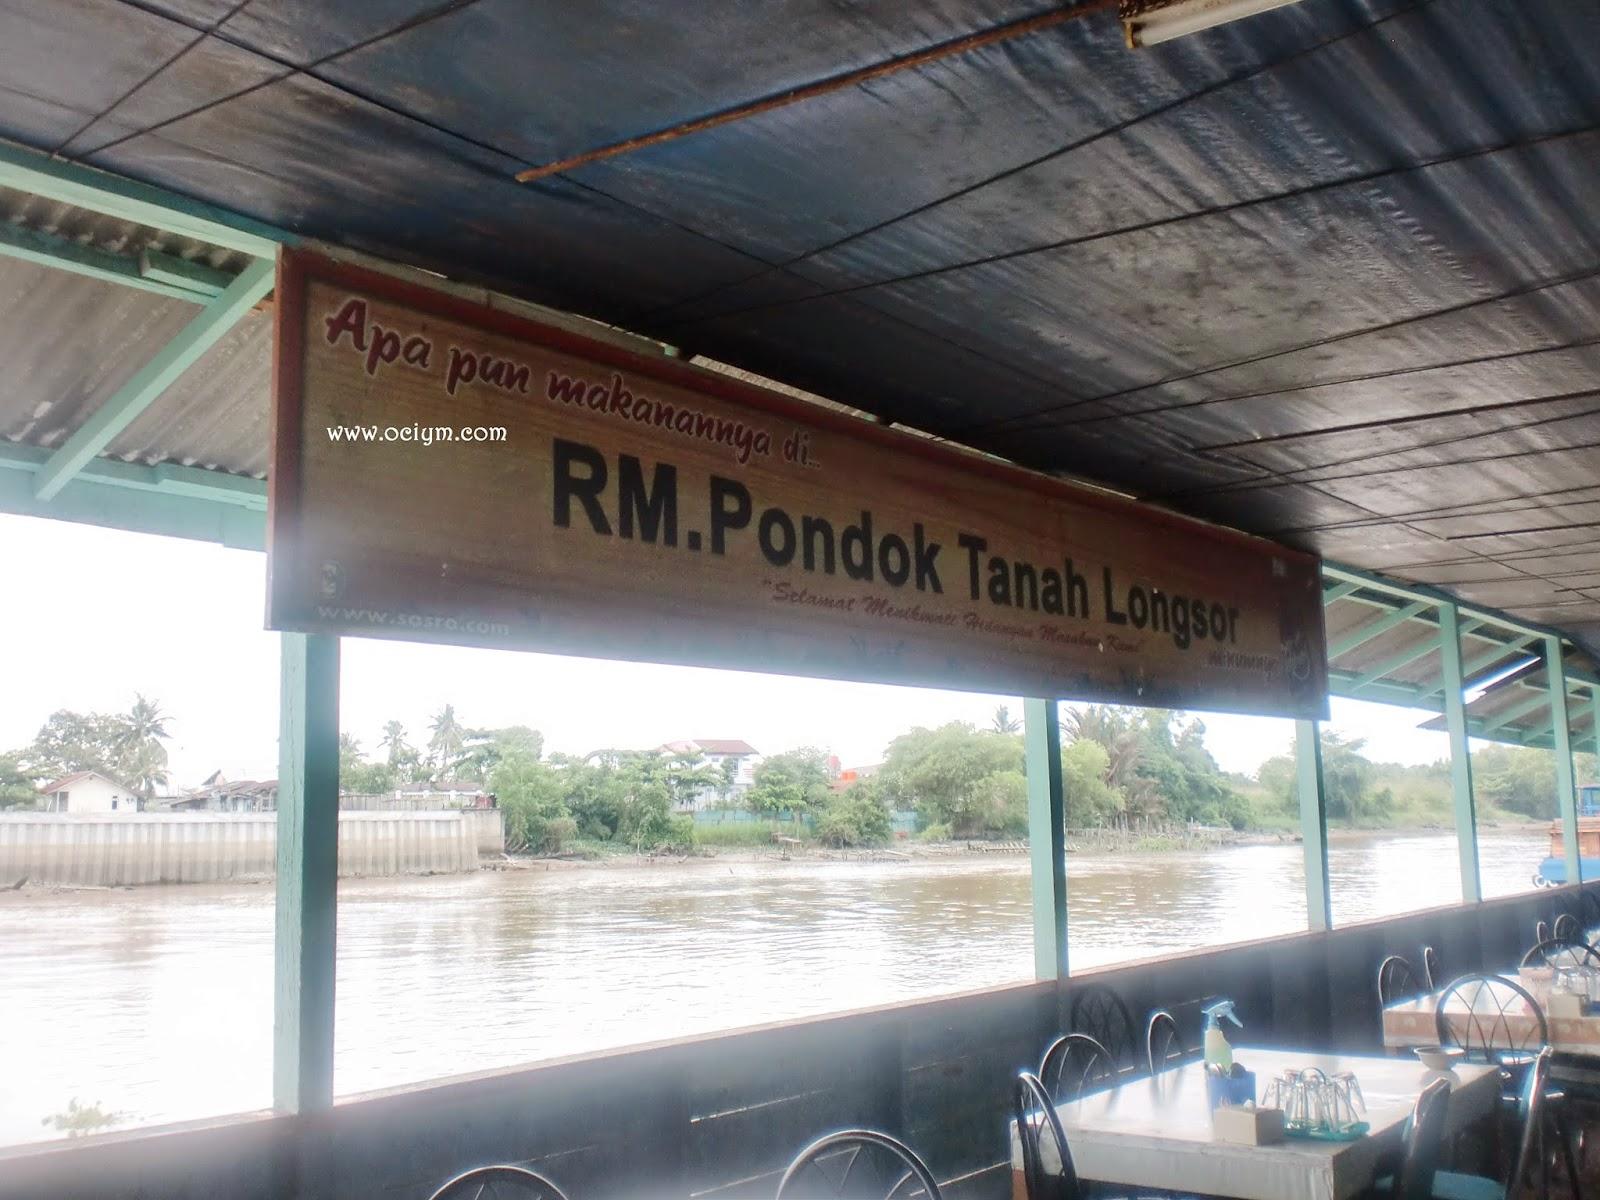 RM. Pondok Tanah Longsor: Sensasi Makan Di Pinggir Sungai Siak